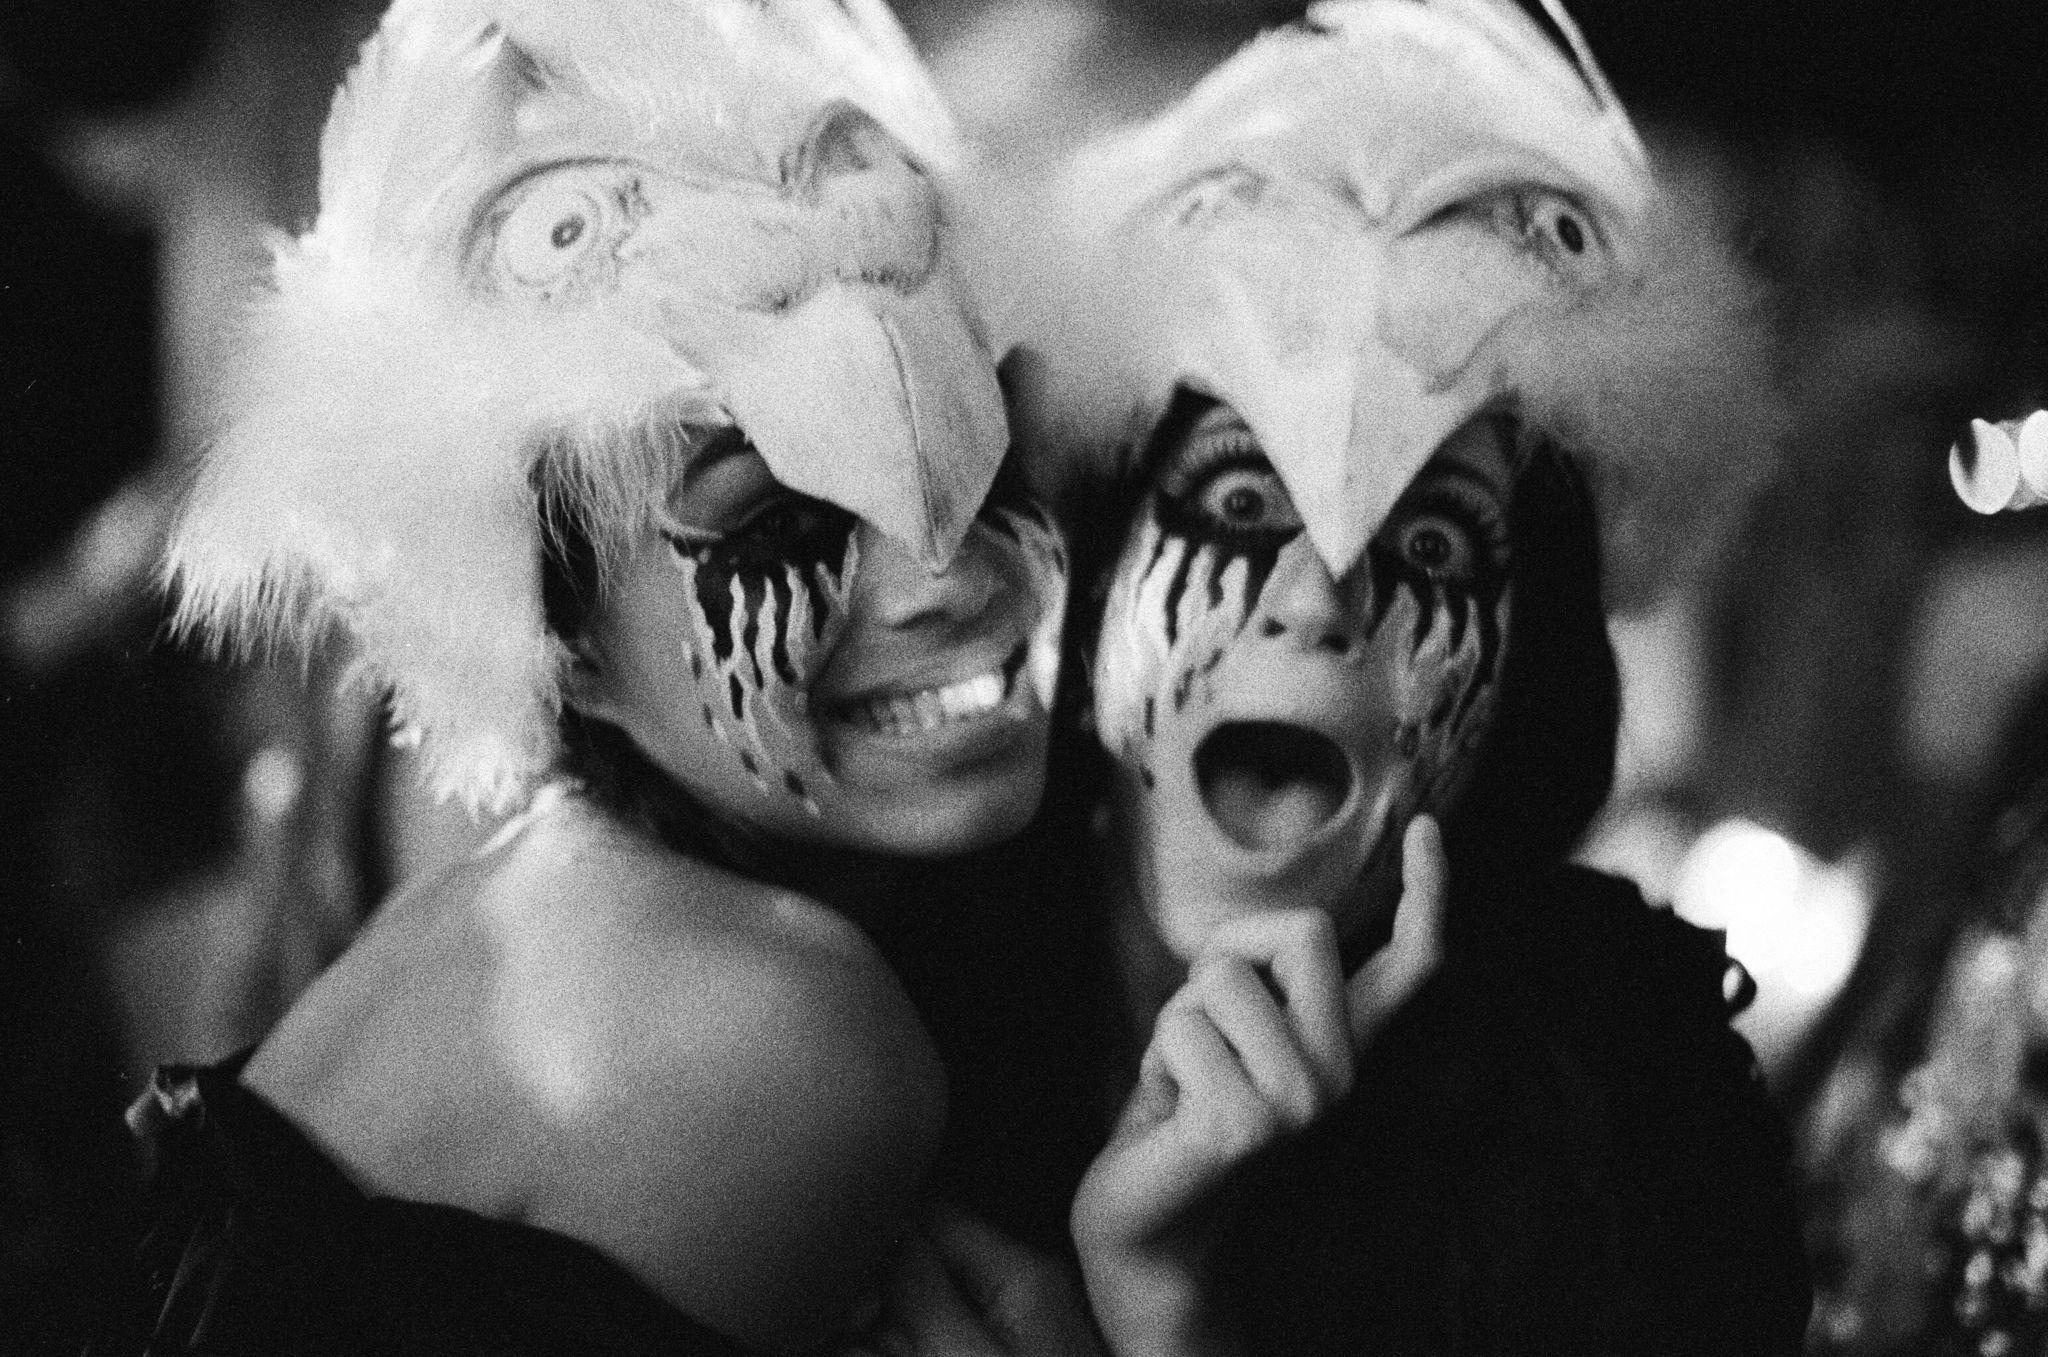 Women in masks